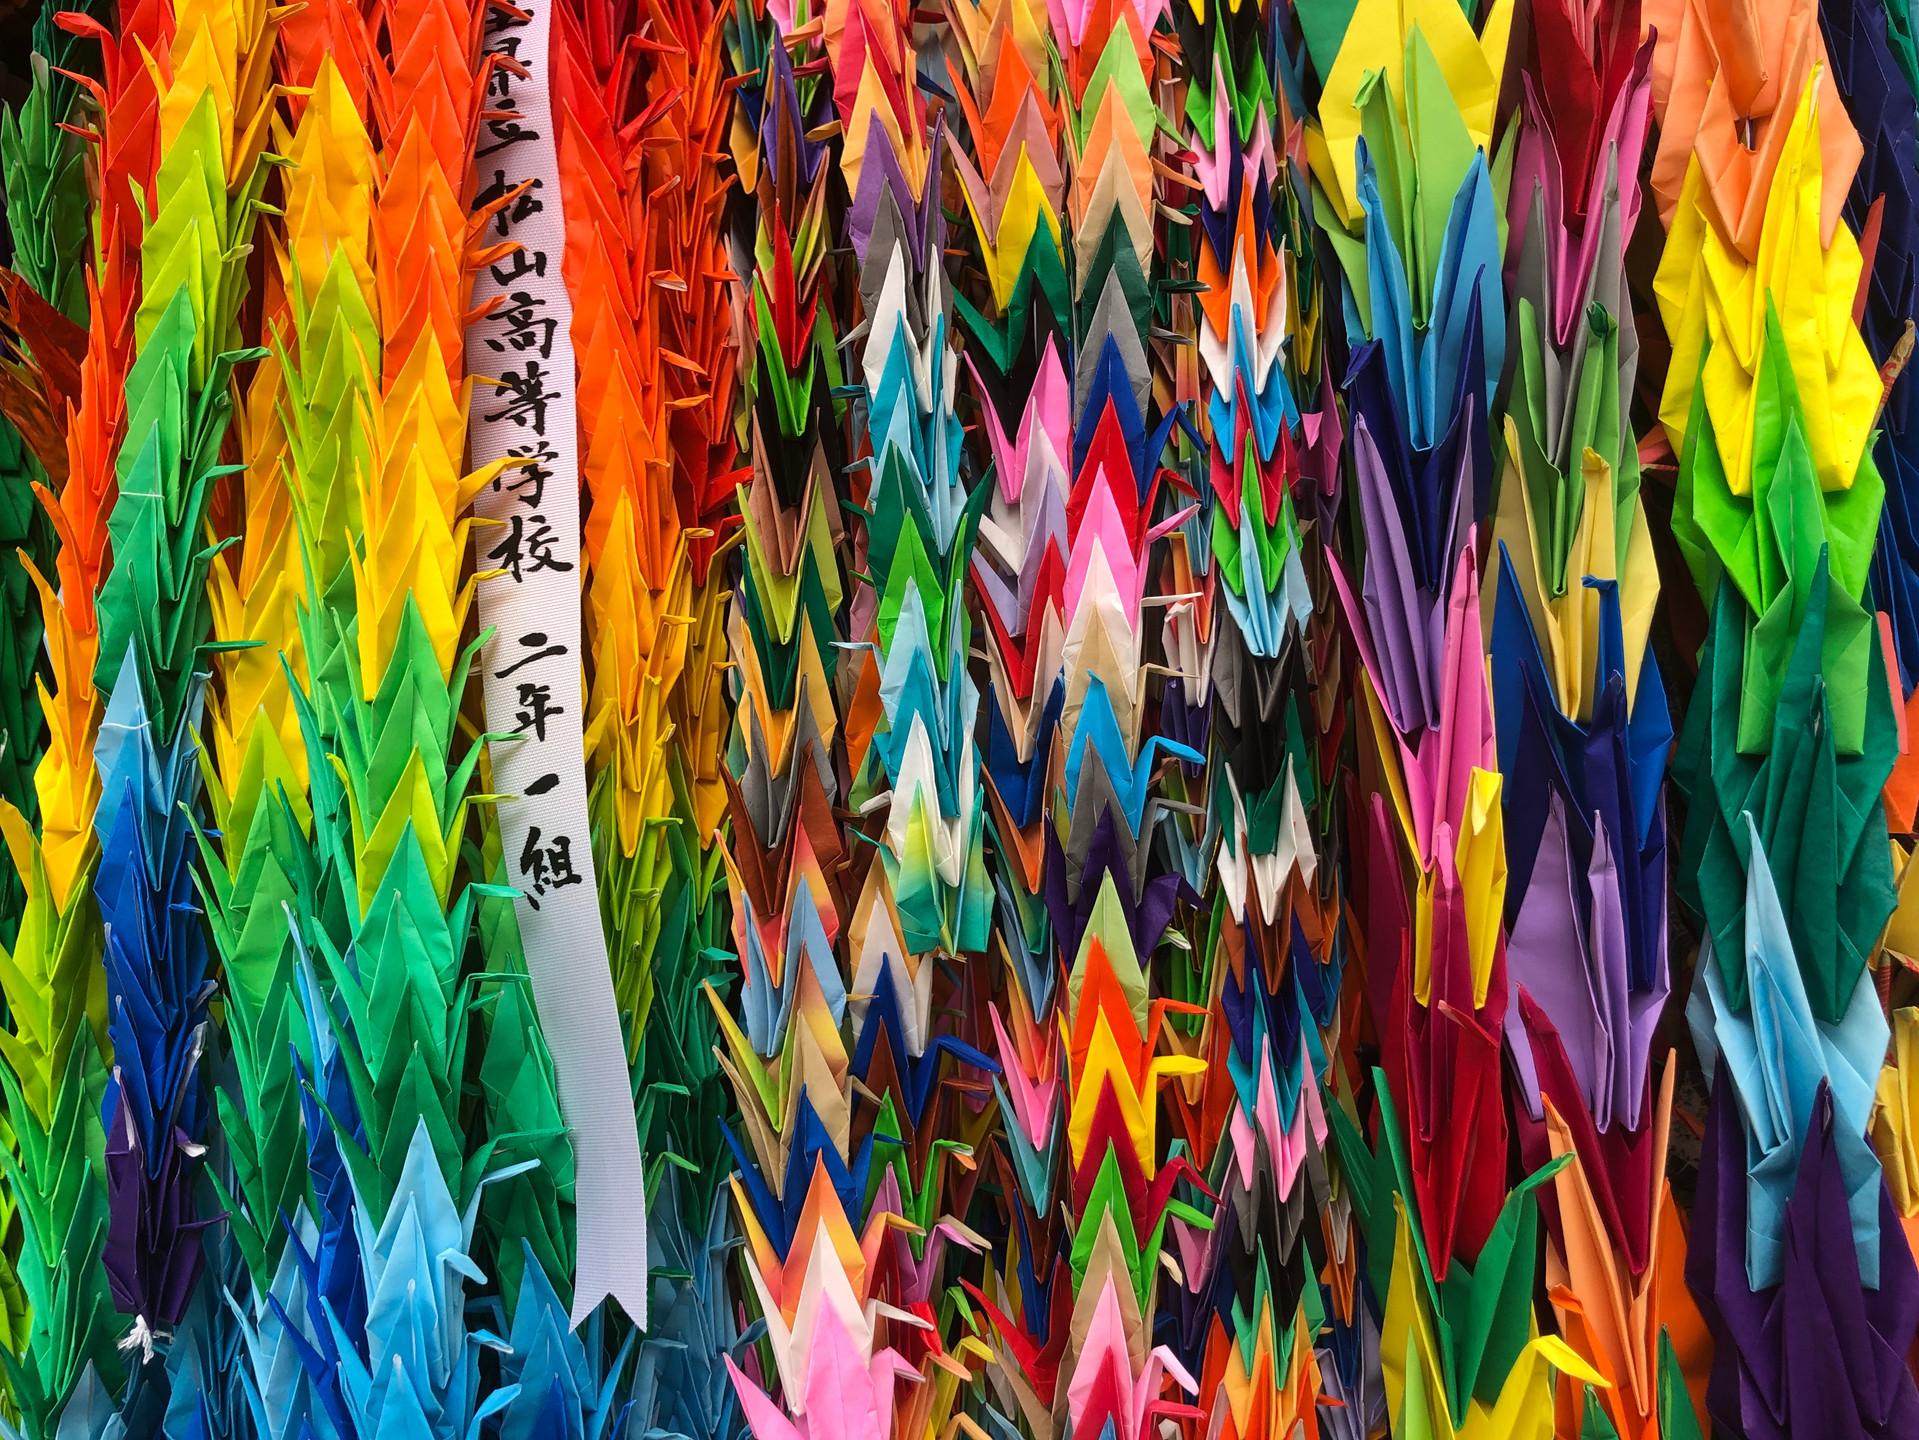 קיפולי נייר עגורים פארק השלום הירושימה